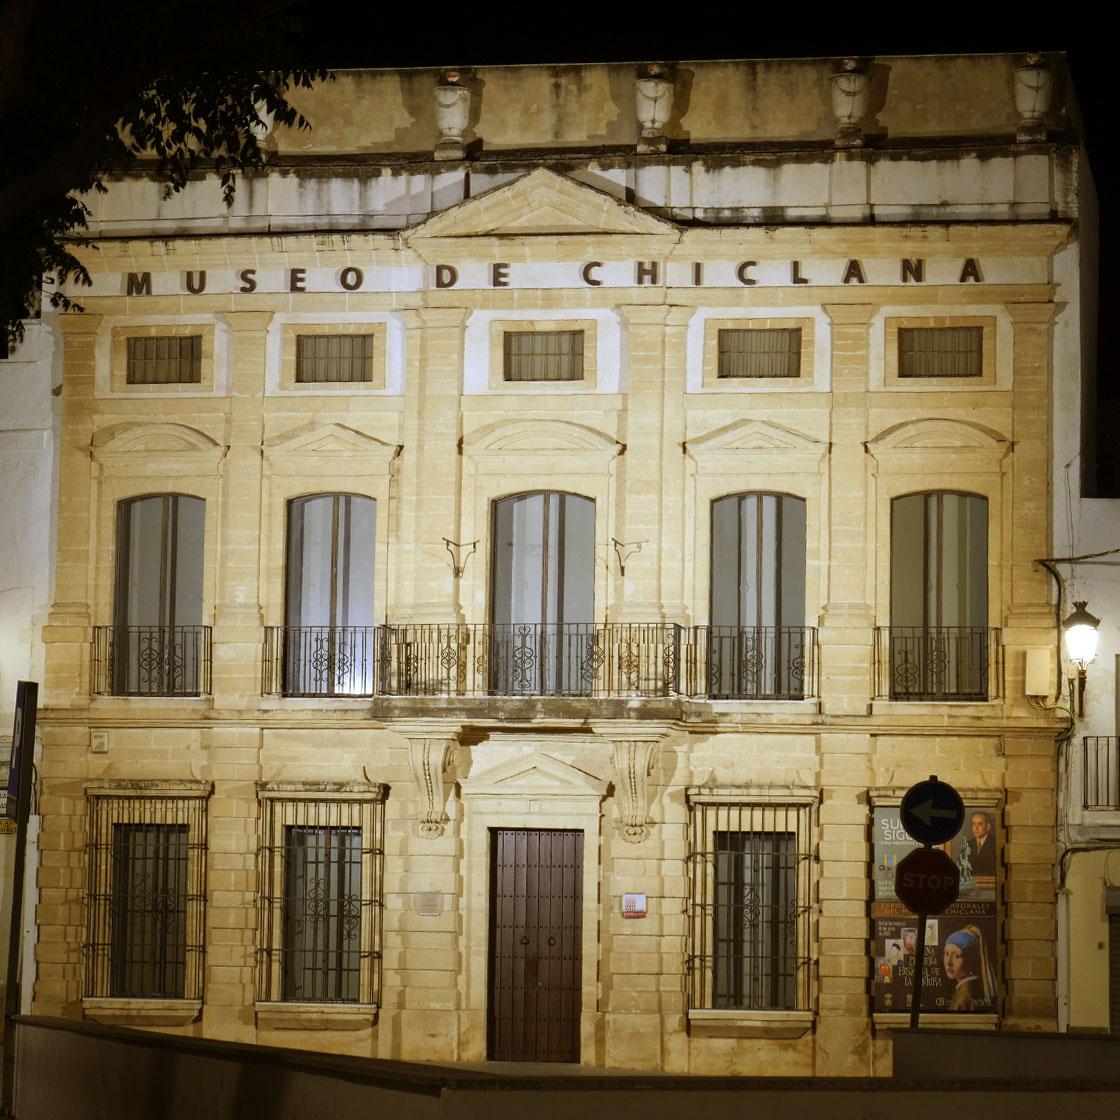 Alumbrado de la fachada del Museo de Chiclana de la Frontera - Moneleg